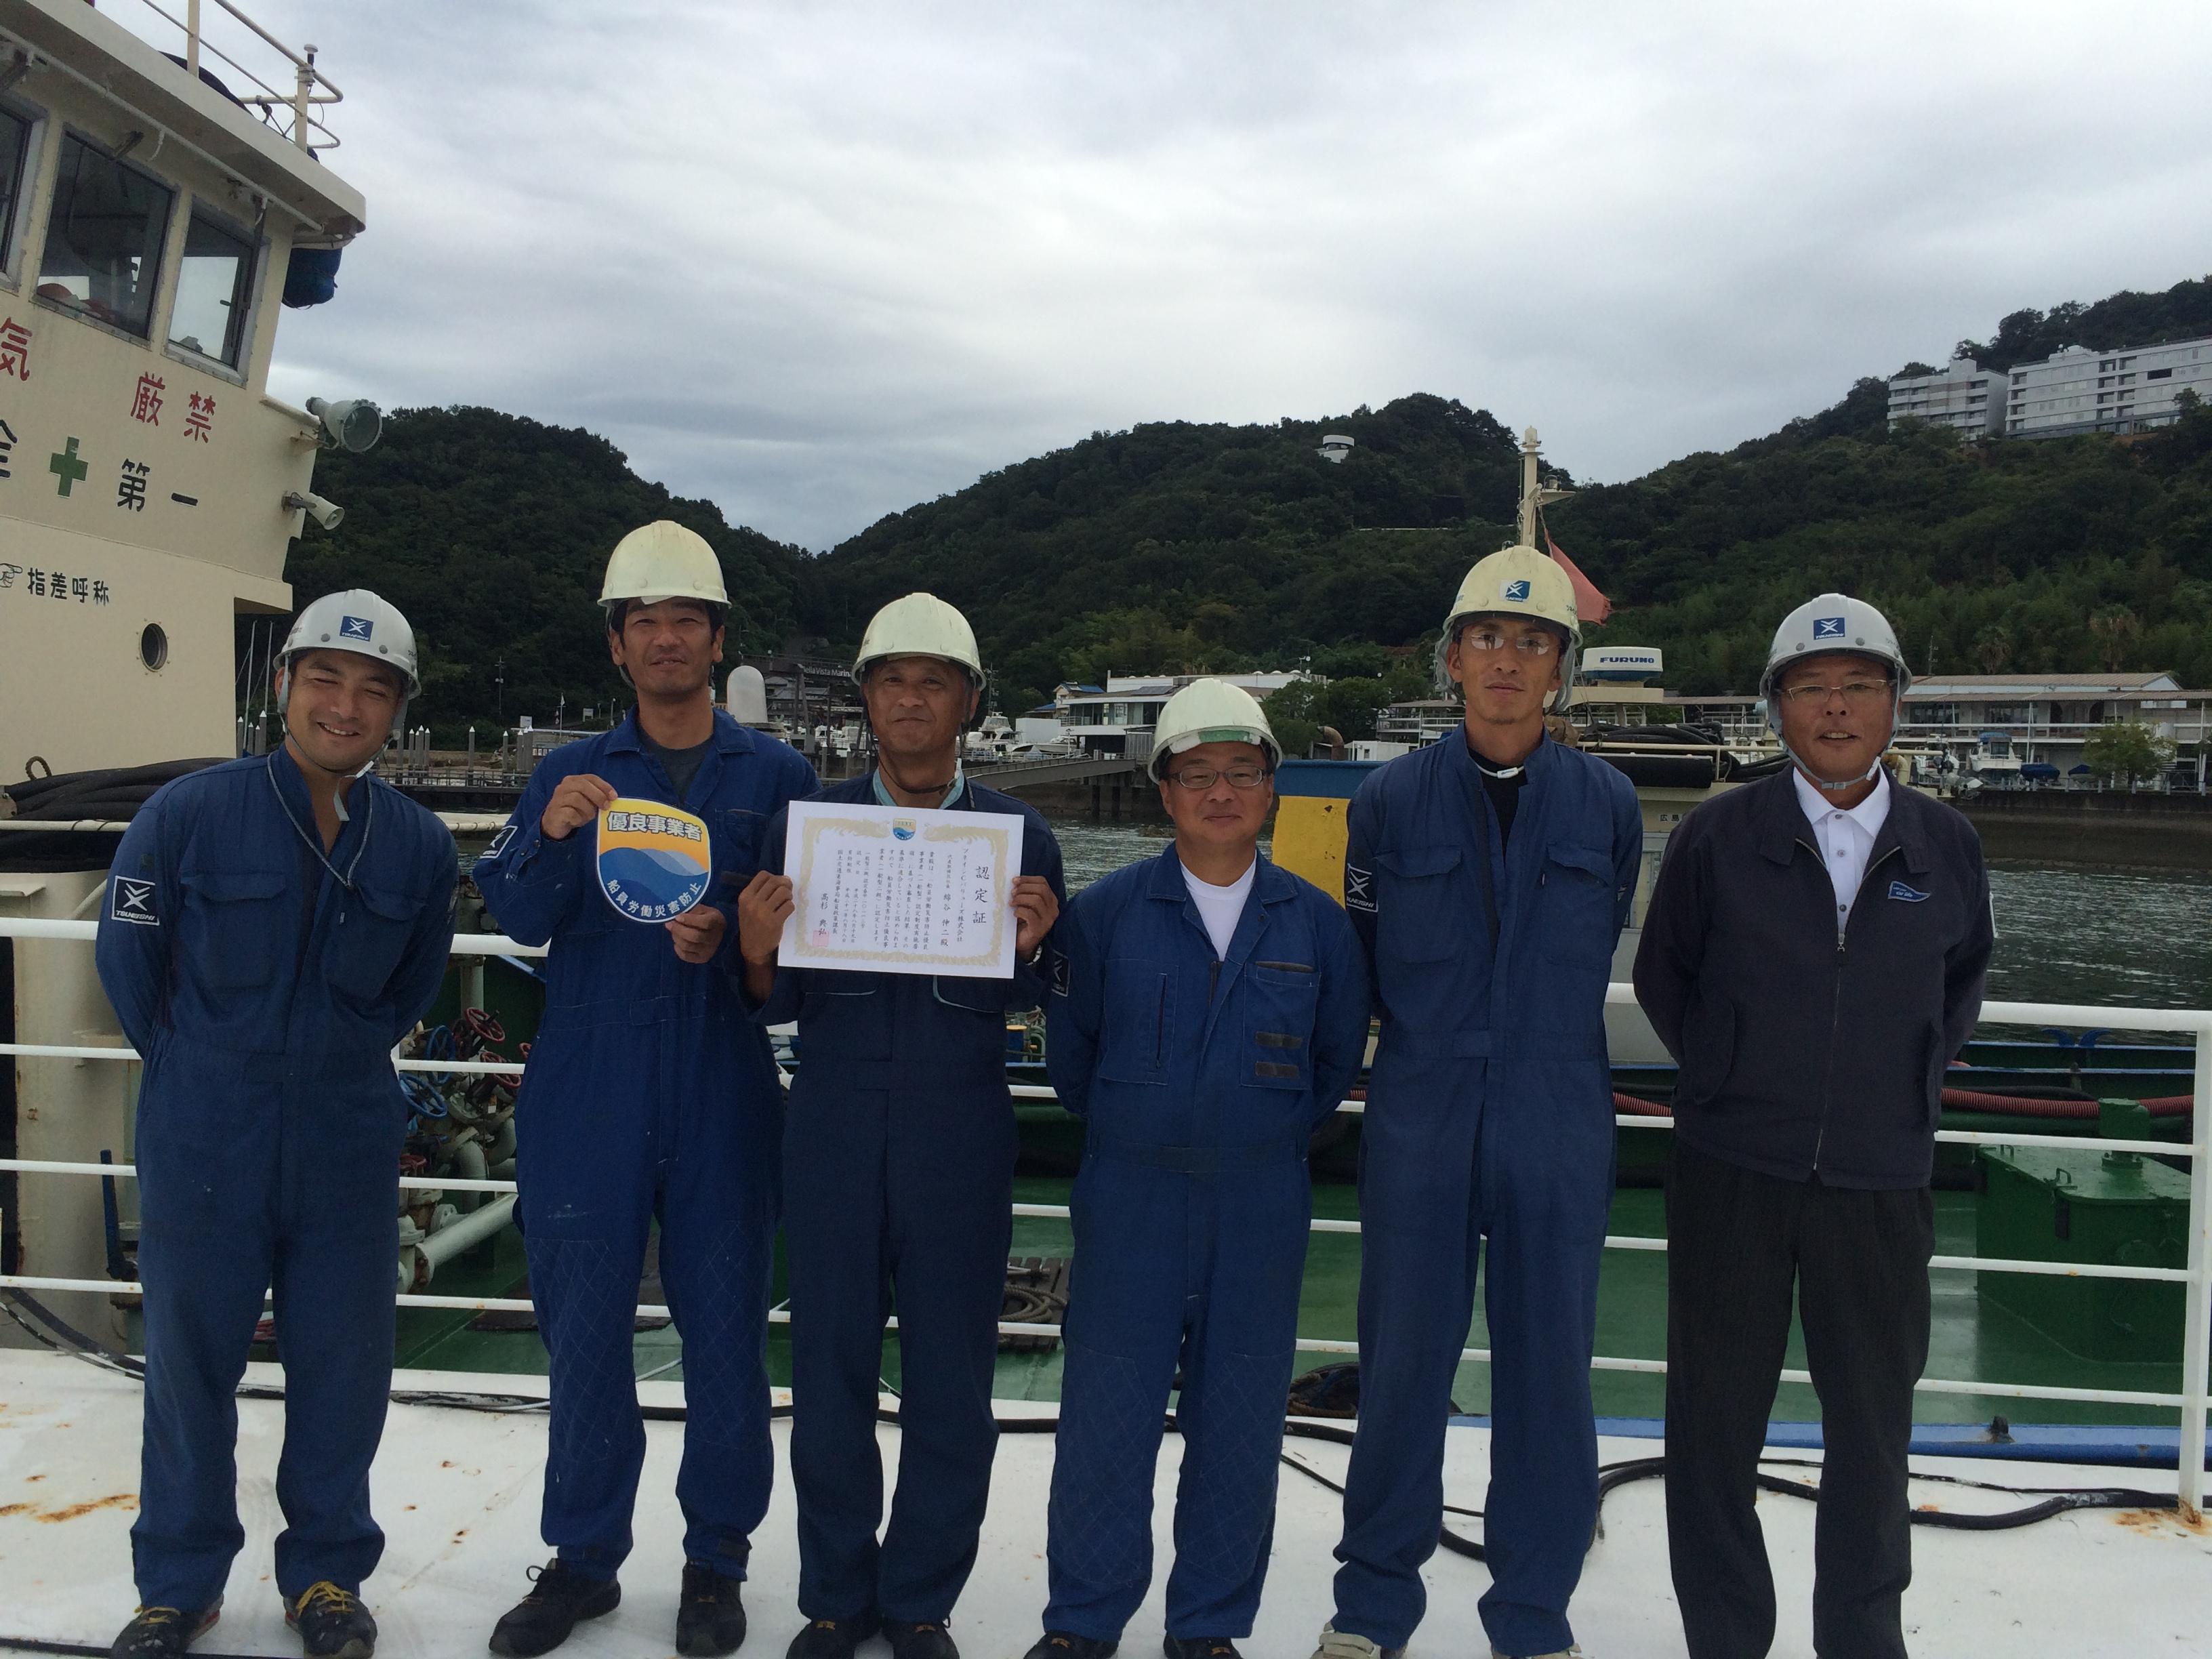 ツネイシCバリューズ 「船員労働災害防止優良事業者(2級)」に認定